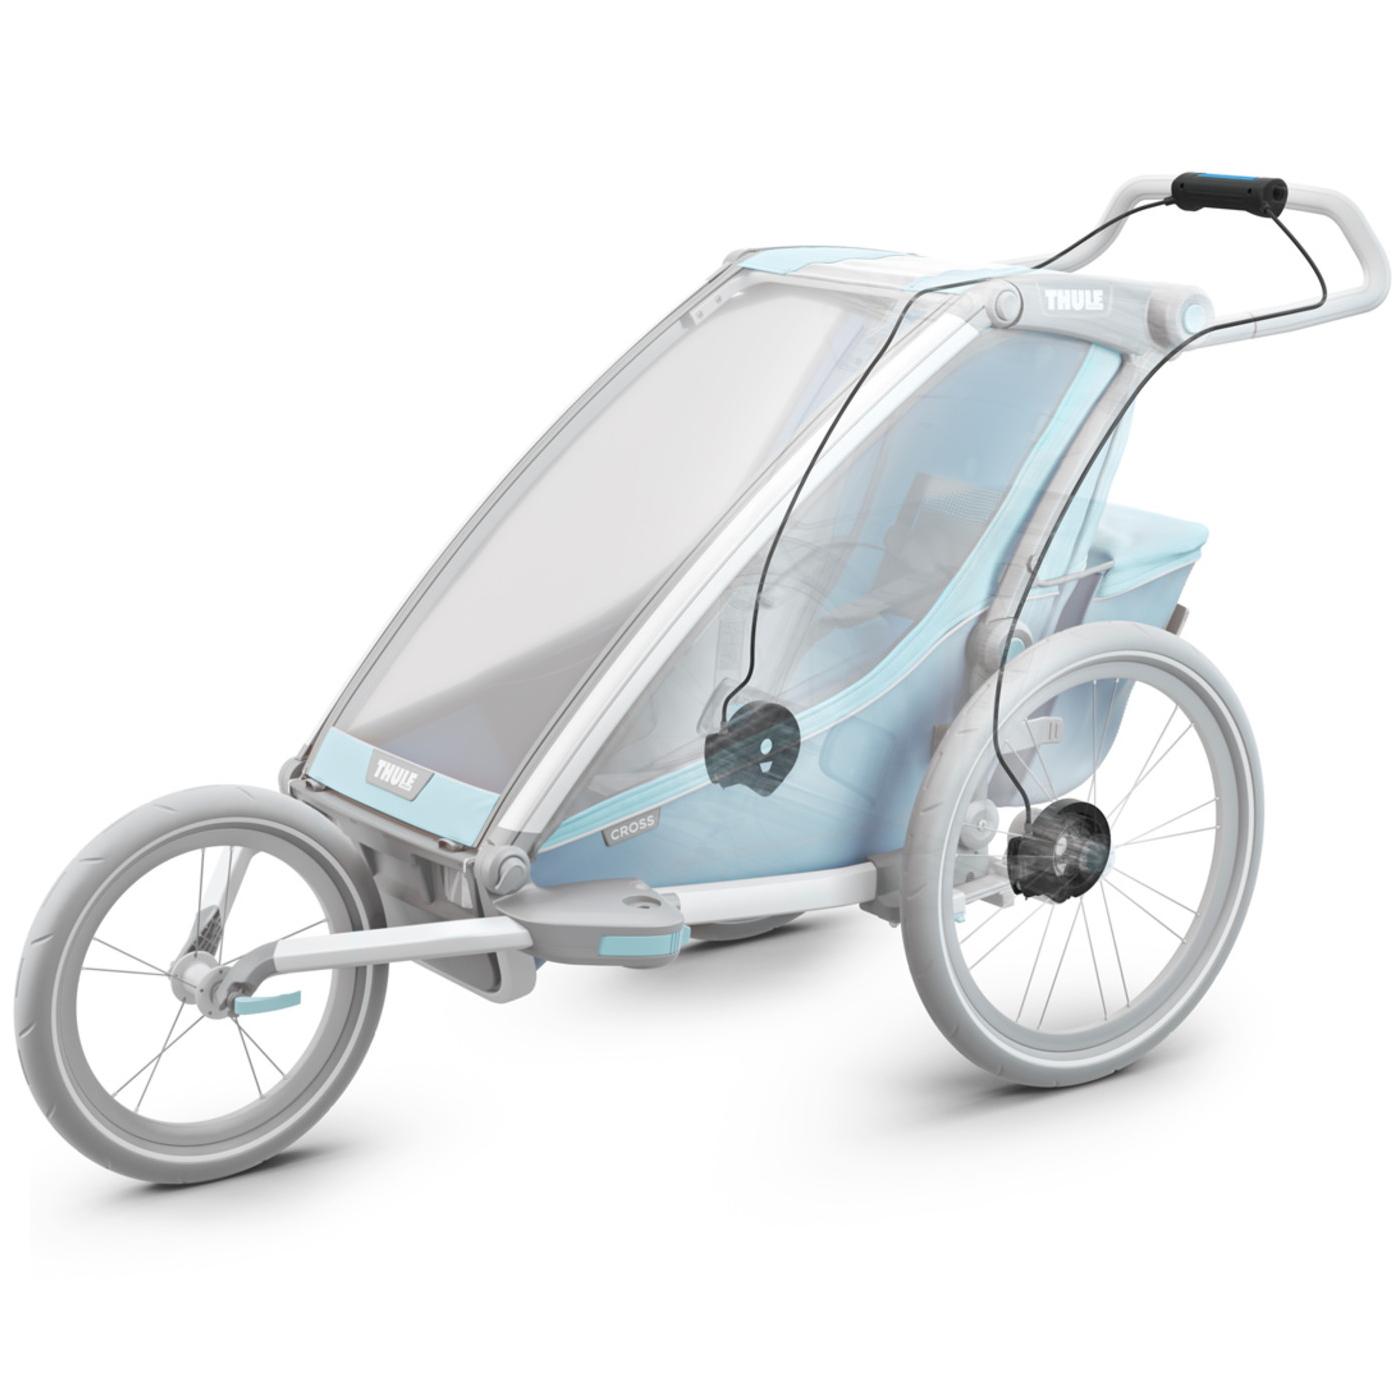 Kit de travões Thule Chariot Brake Kit